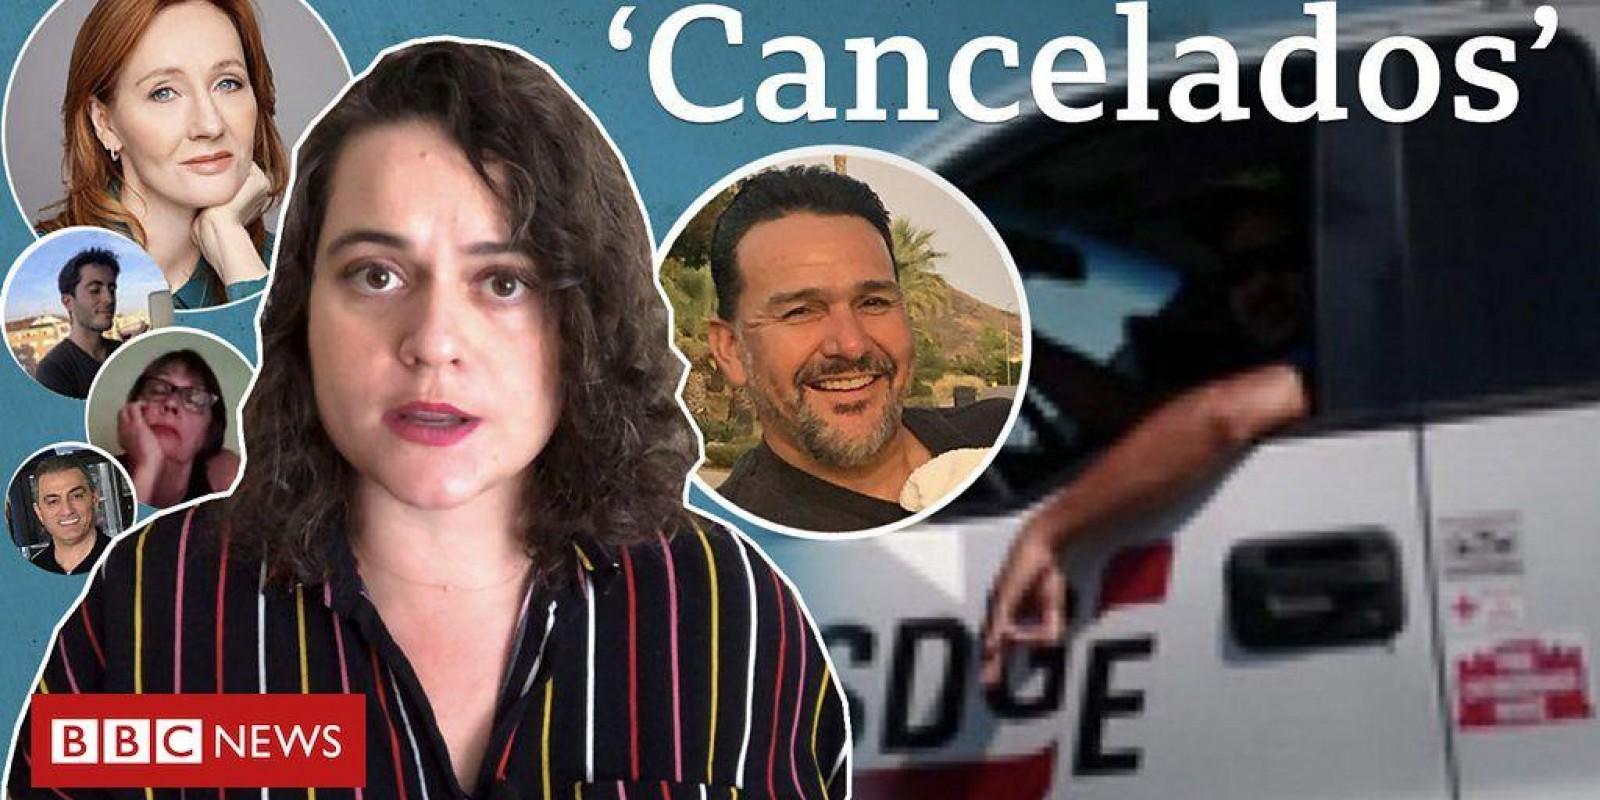 O Que 'Sinal De Ok' Retratado Como Racista Nas Redes Revela Sobre A 'Cultura De Cancelamento'